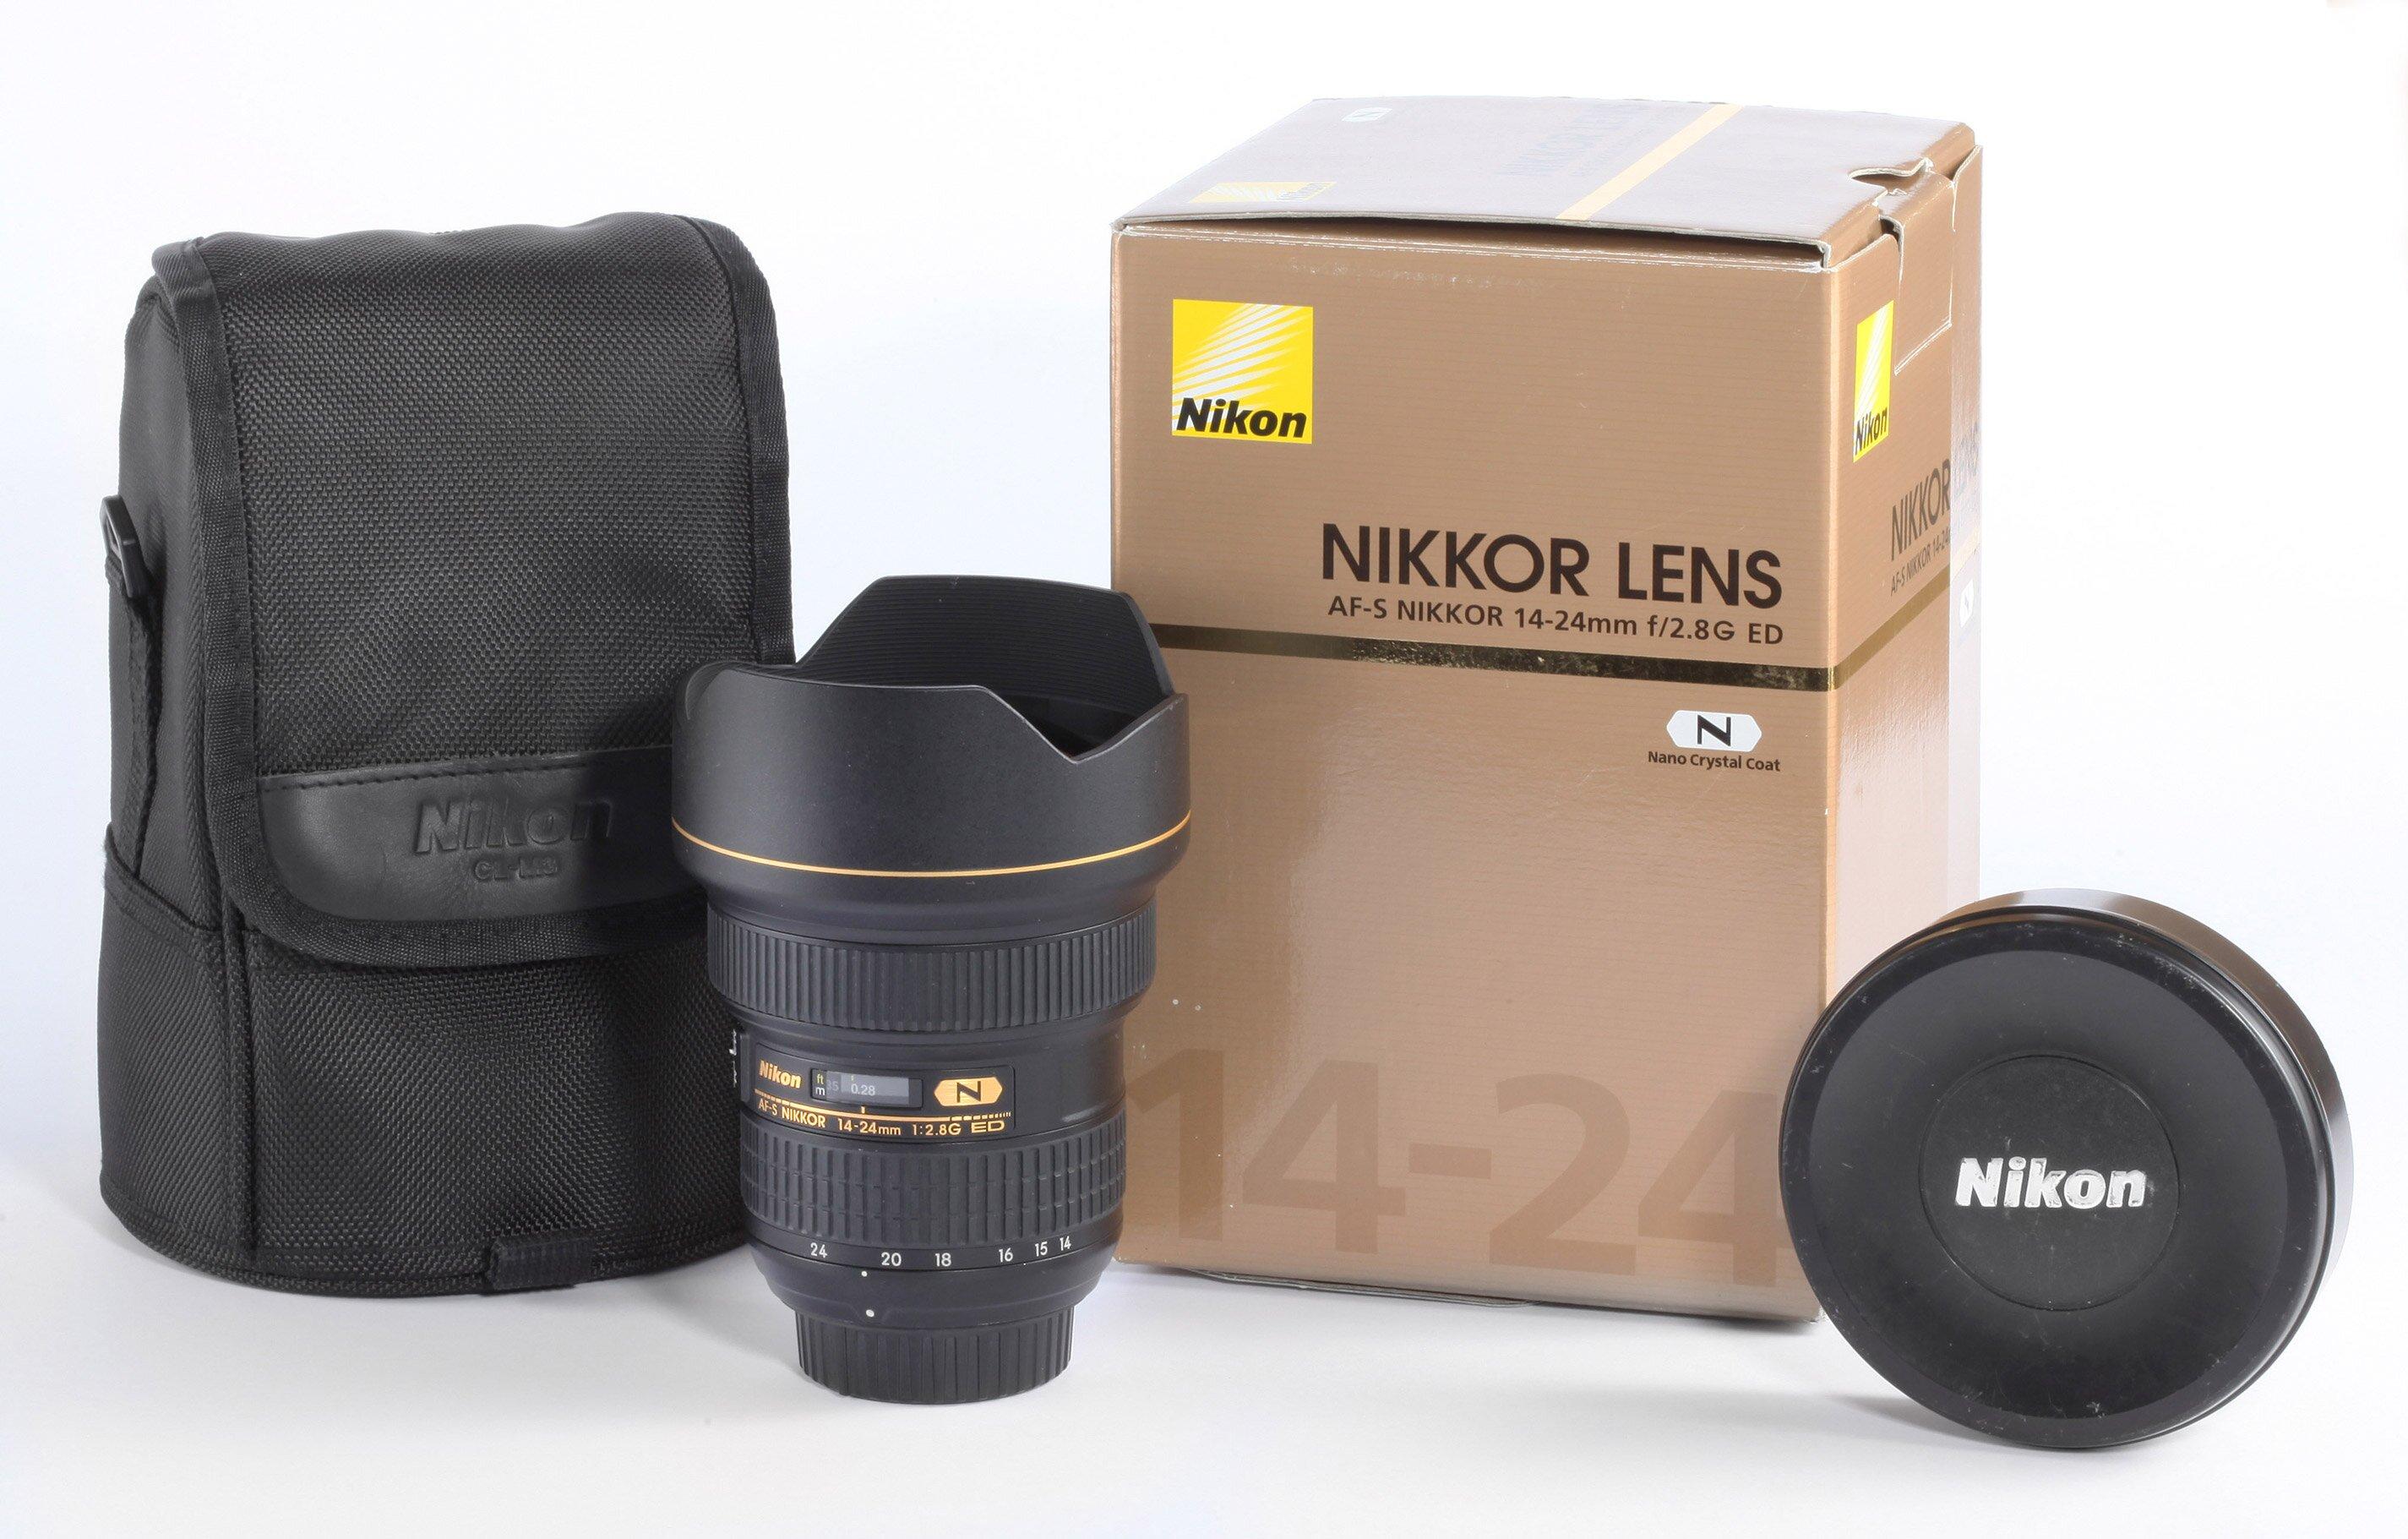 Nikon AF-S Nikkor 14-24mm/2,8G ED